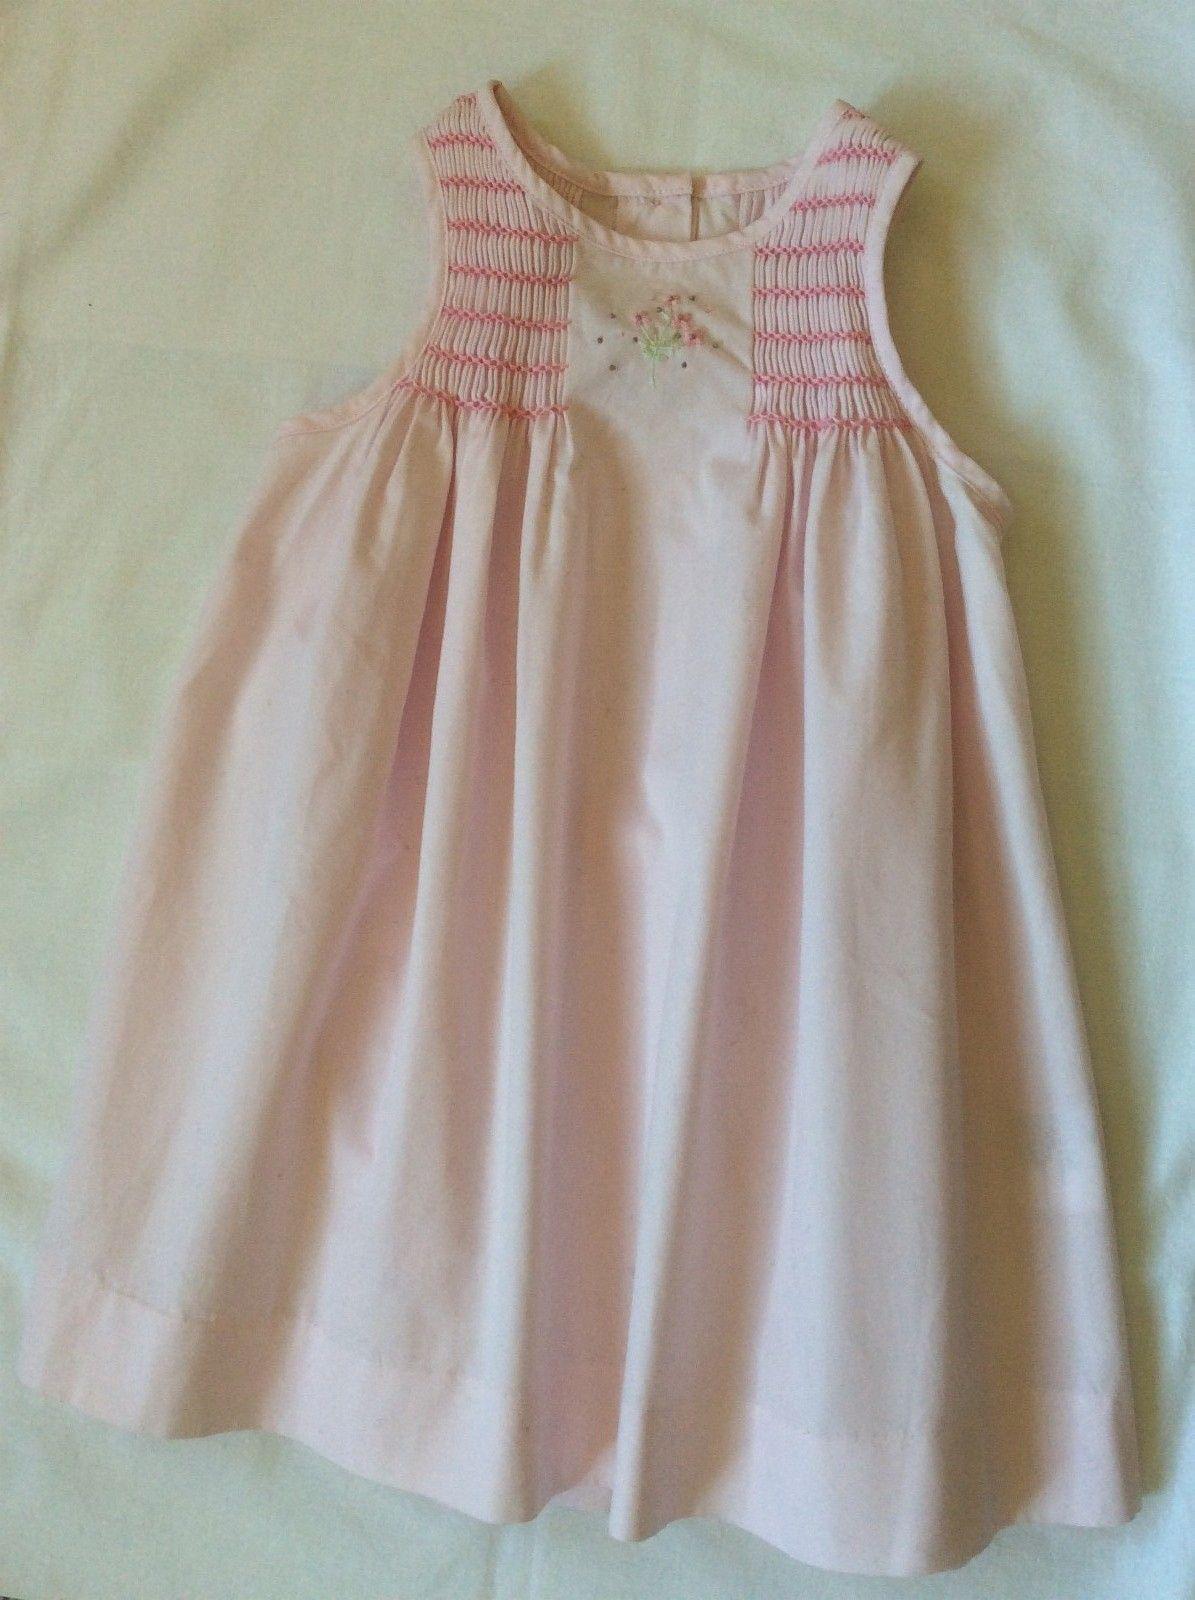 e43c09b1 Jacadi kjole m/ballongbukse str. 12 mnd | FINN.no